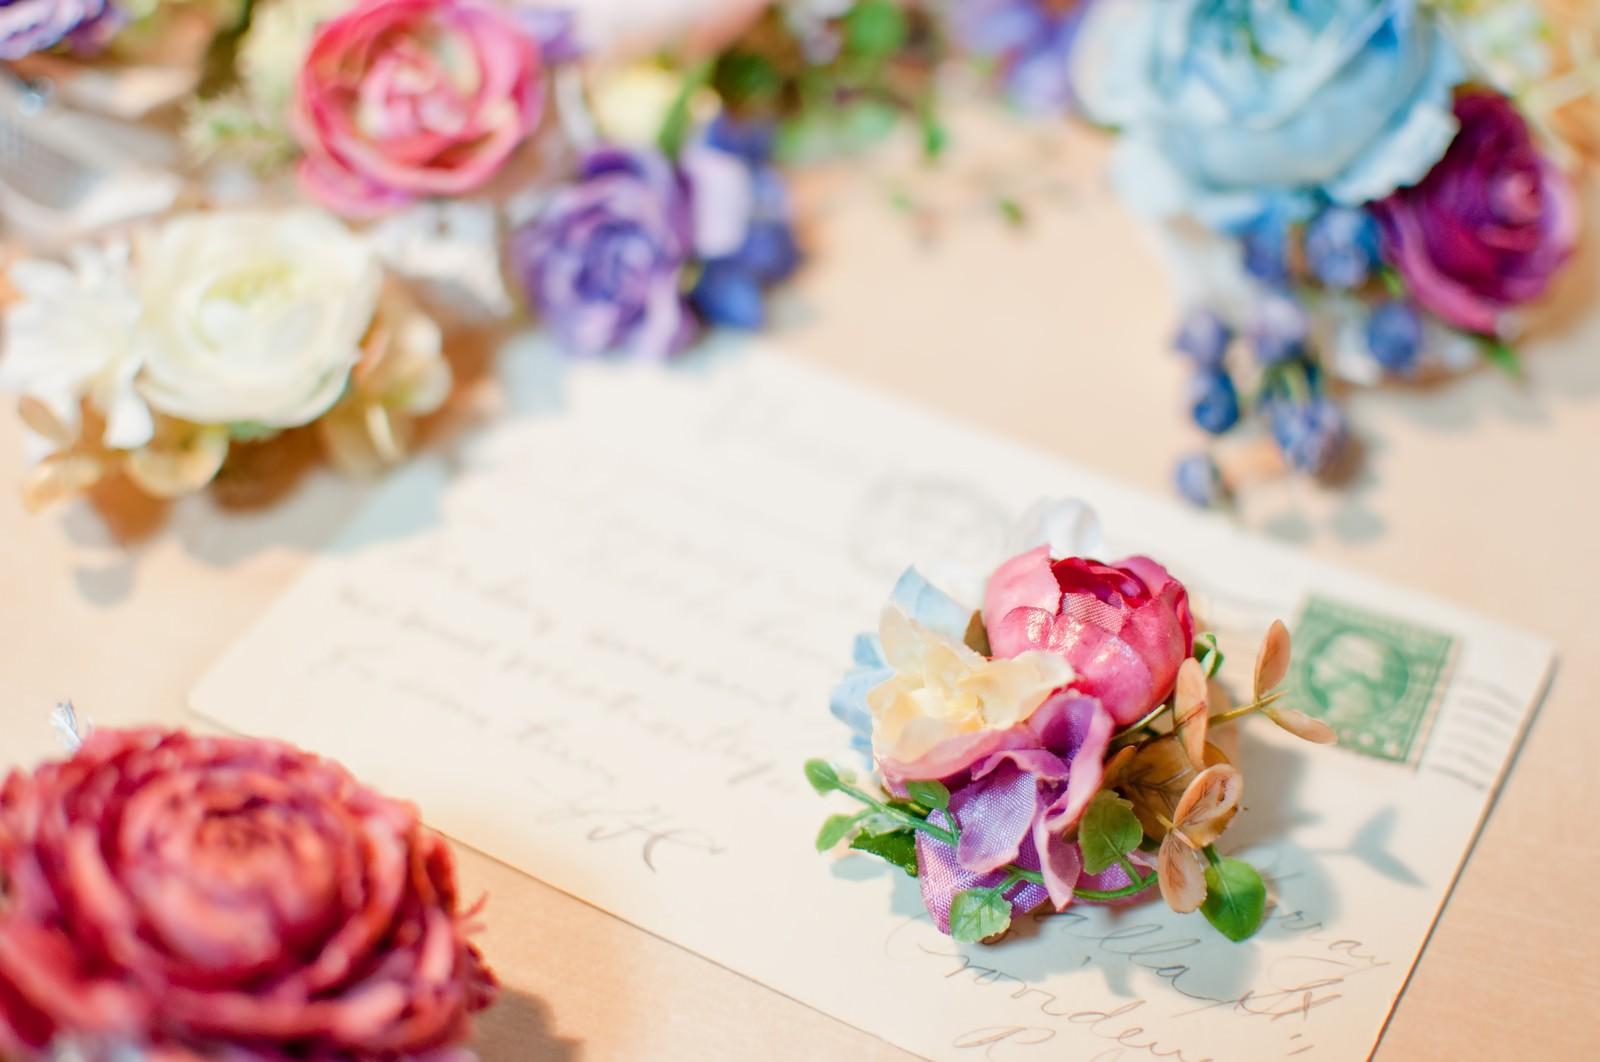 結婚式の招待状の返信の際に書くメッセージの書き方と例文